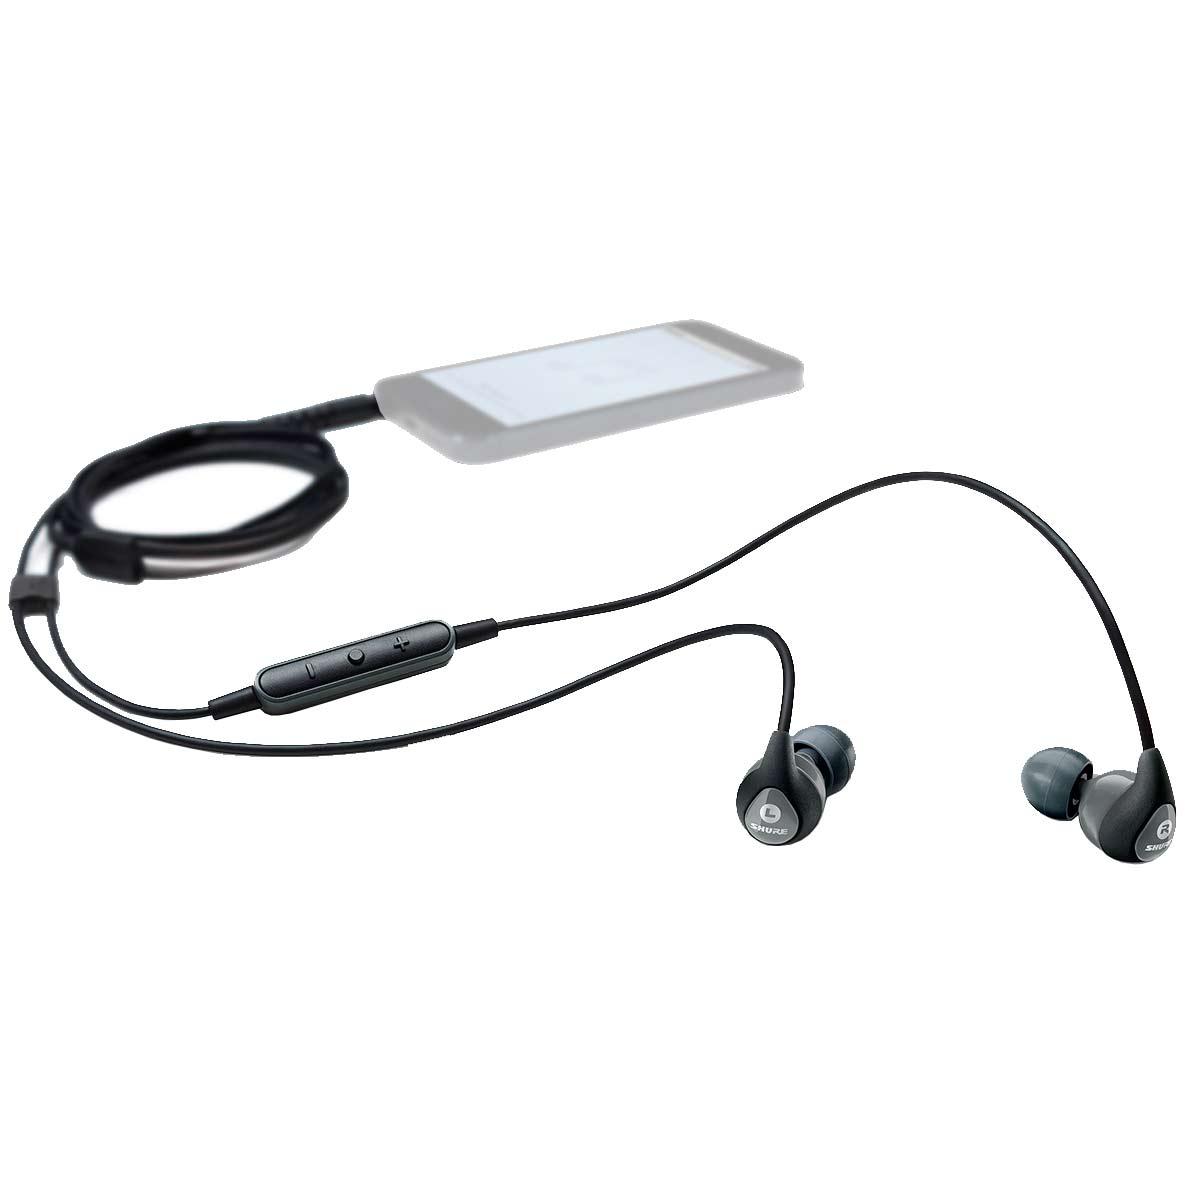 SE112M+ - Fone de Ouvido In-ear SE 112 M+ - Shure